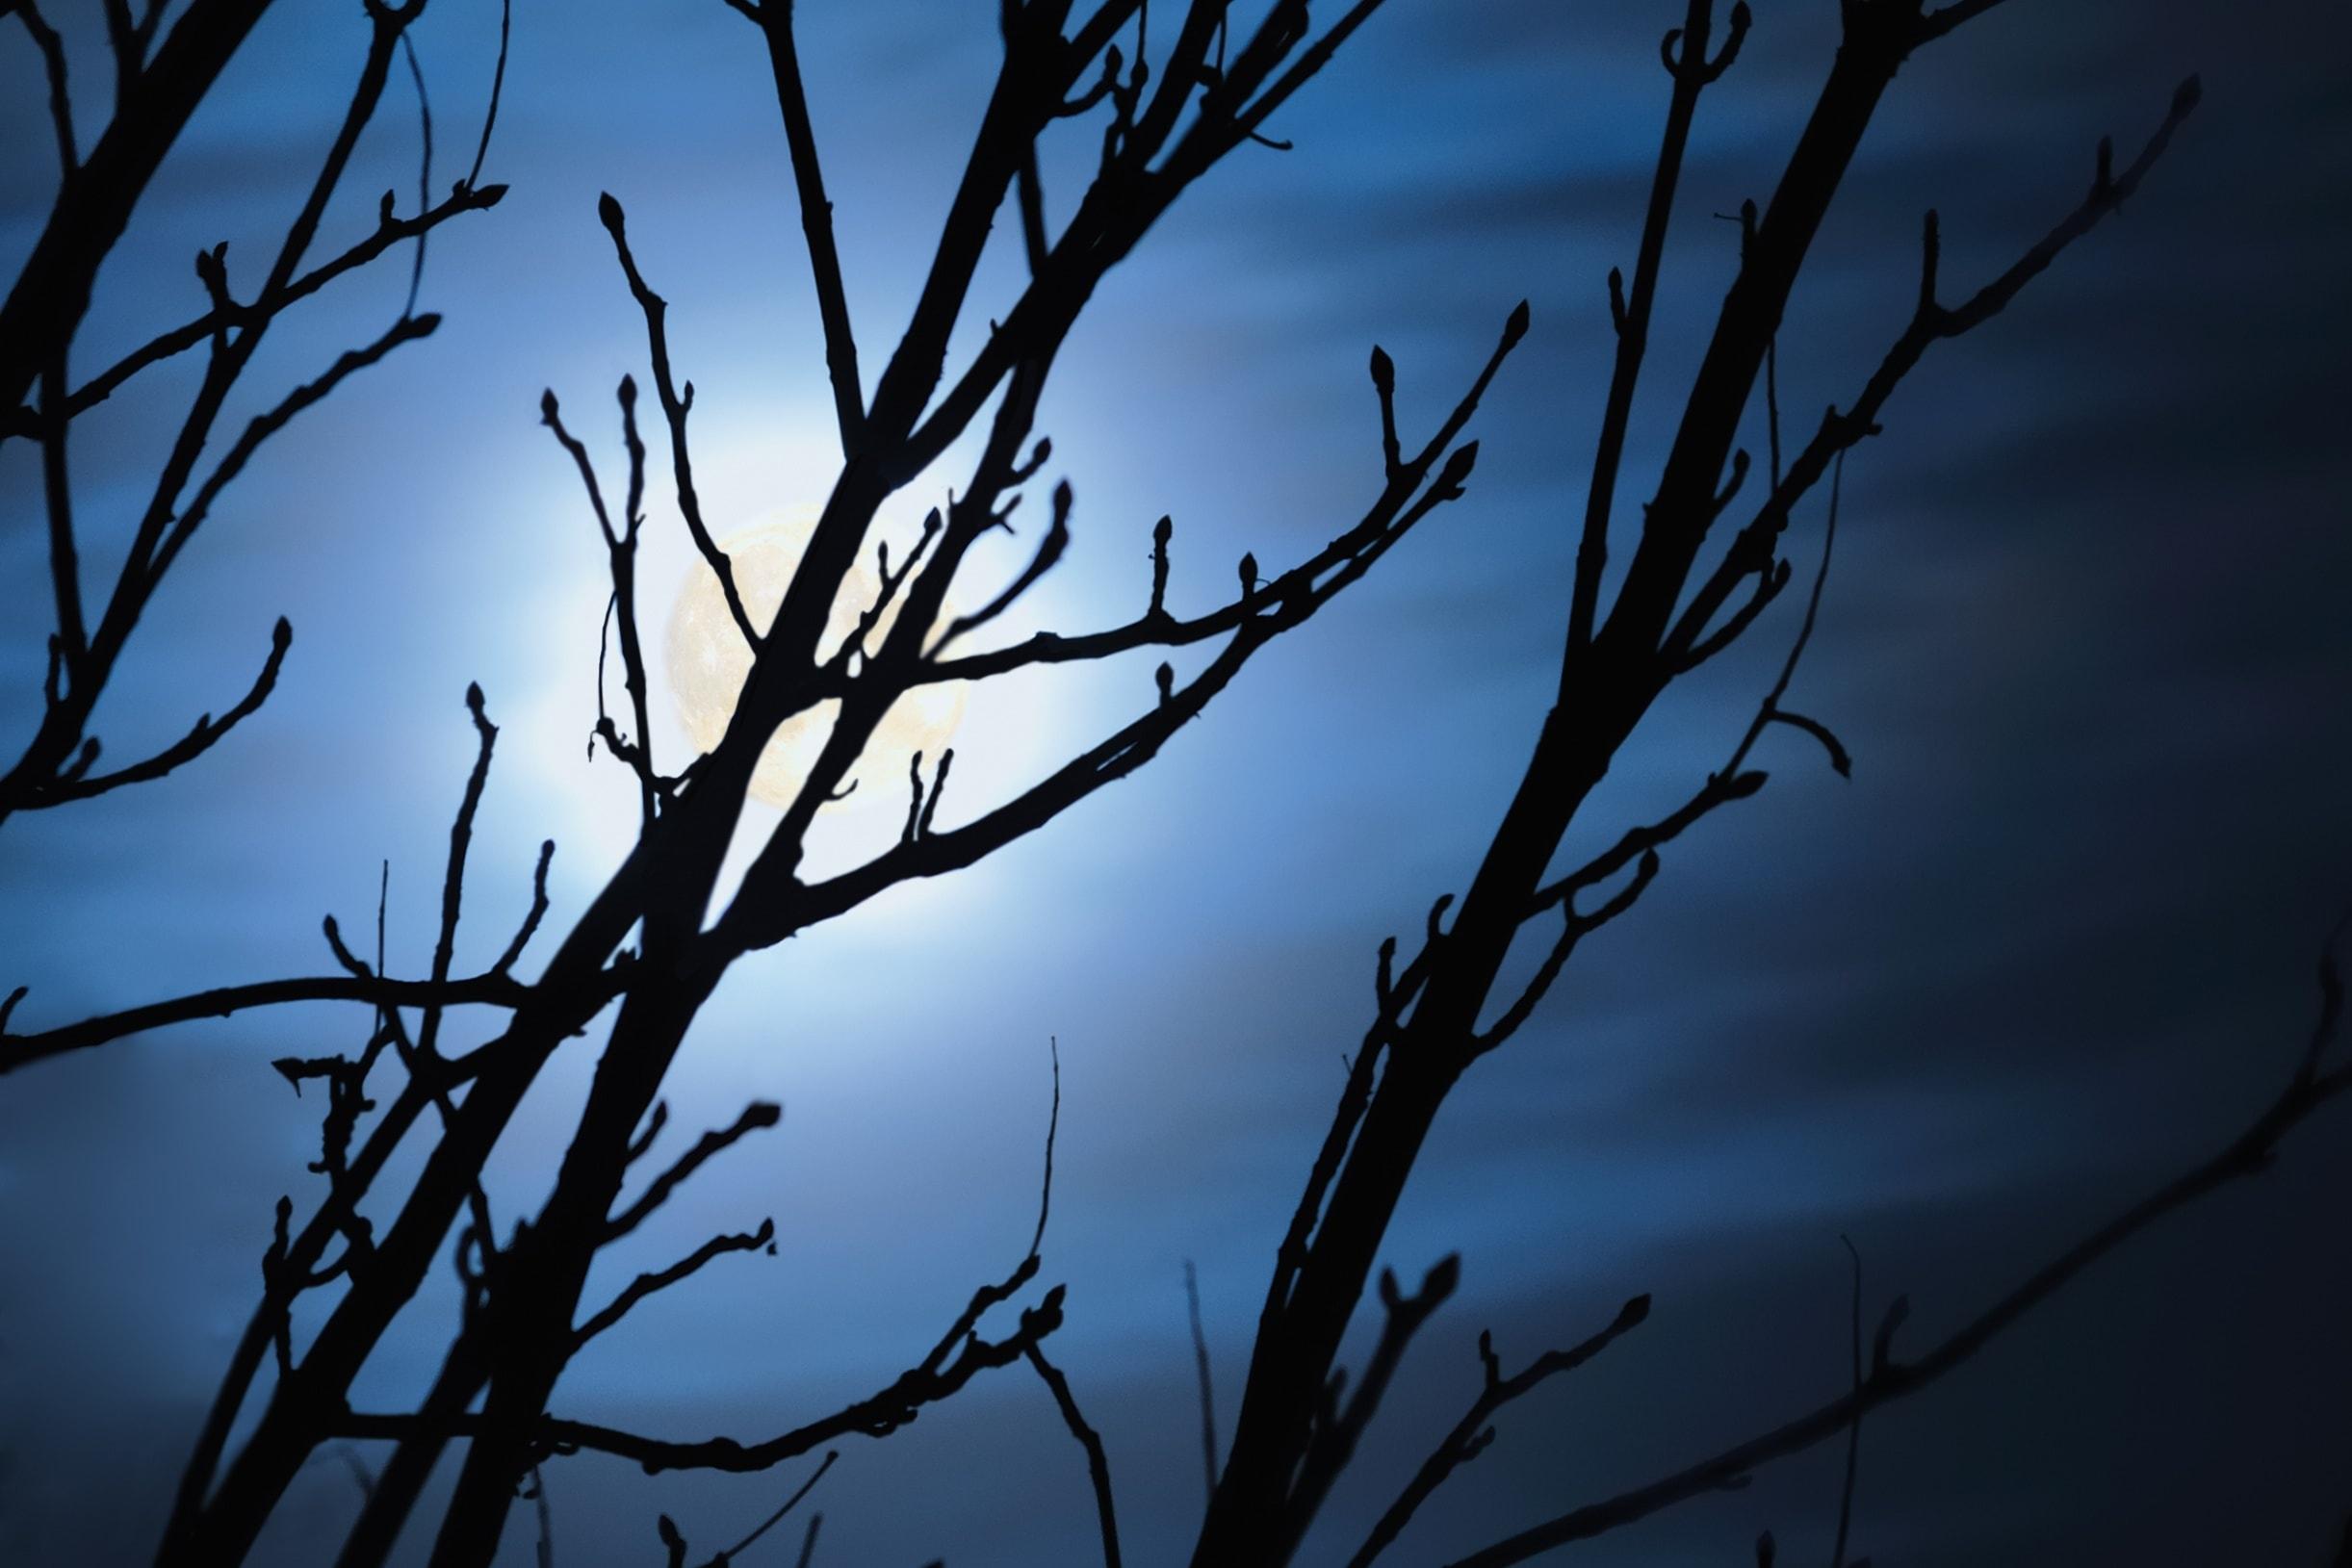 Comment pratiquer le jardinage avec l influence de la lune loisir jardin - Comment jardiner avec la lune ...